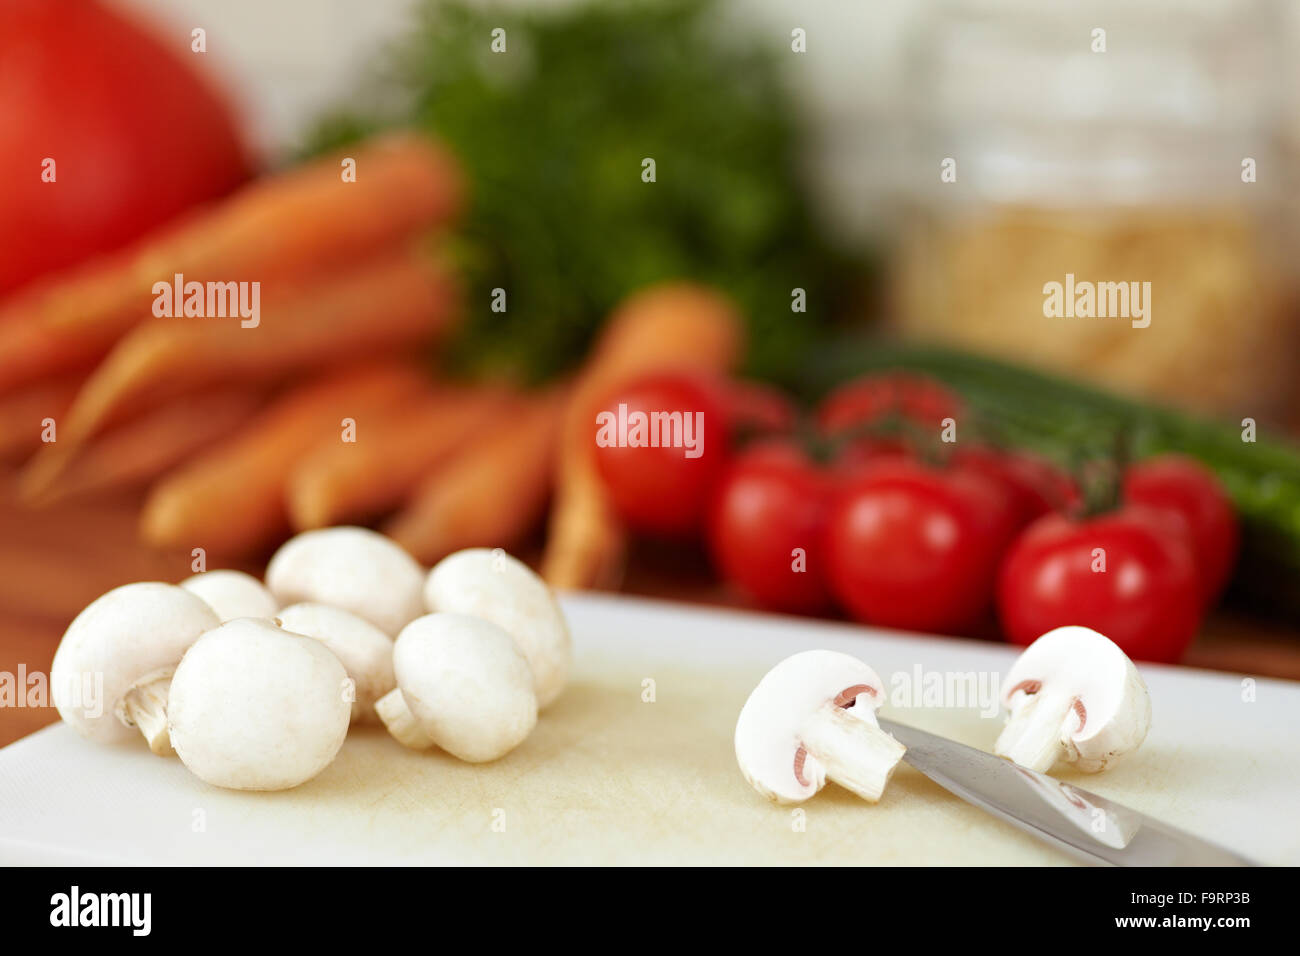 Champignons blancs cultivés de coupe en deux avec un couteau Photo Stock